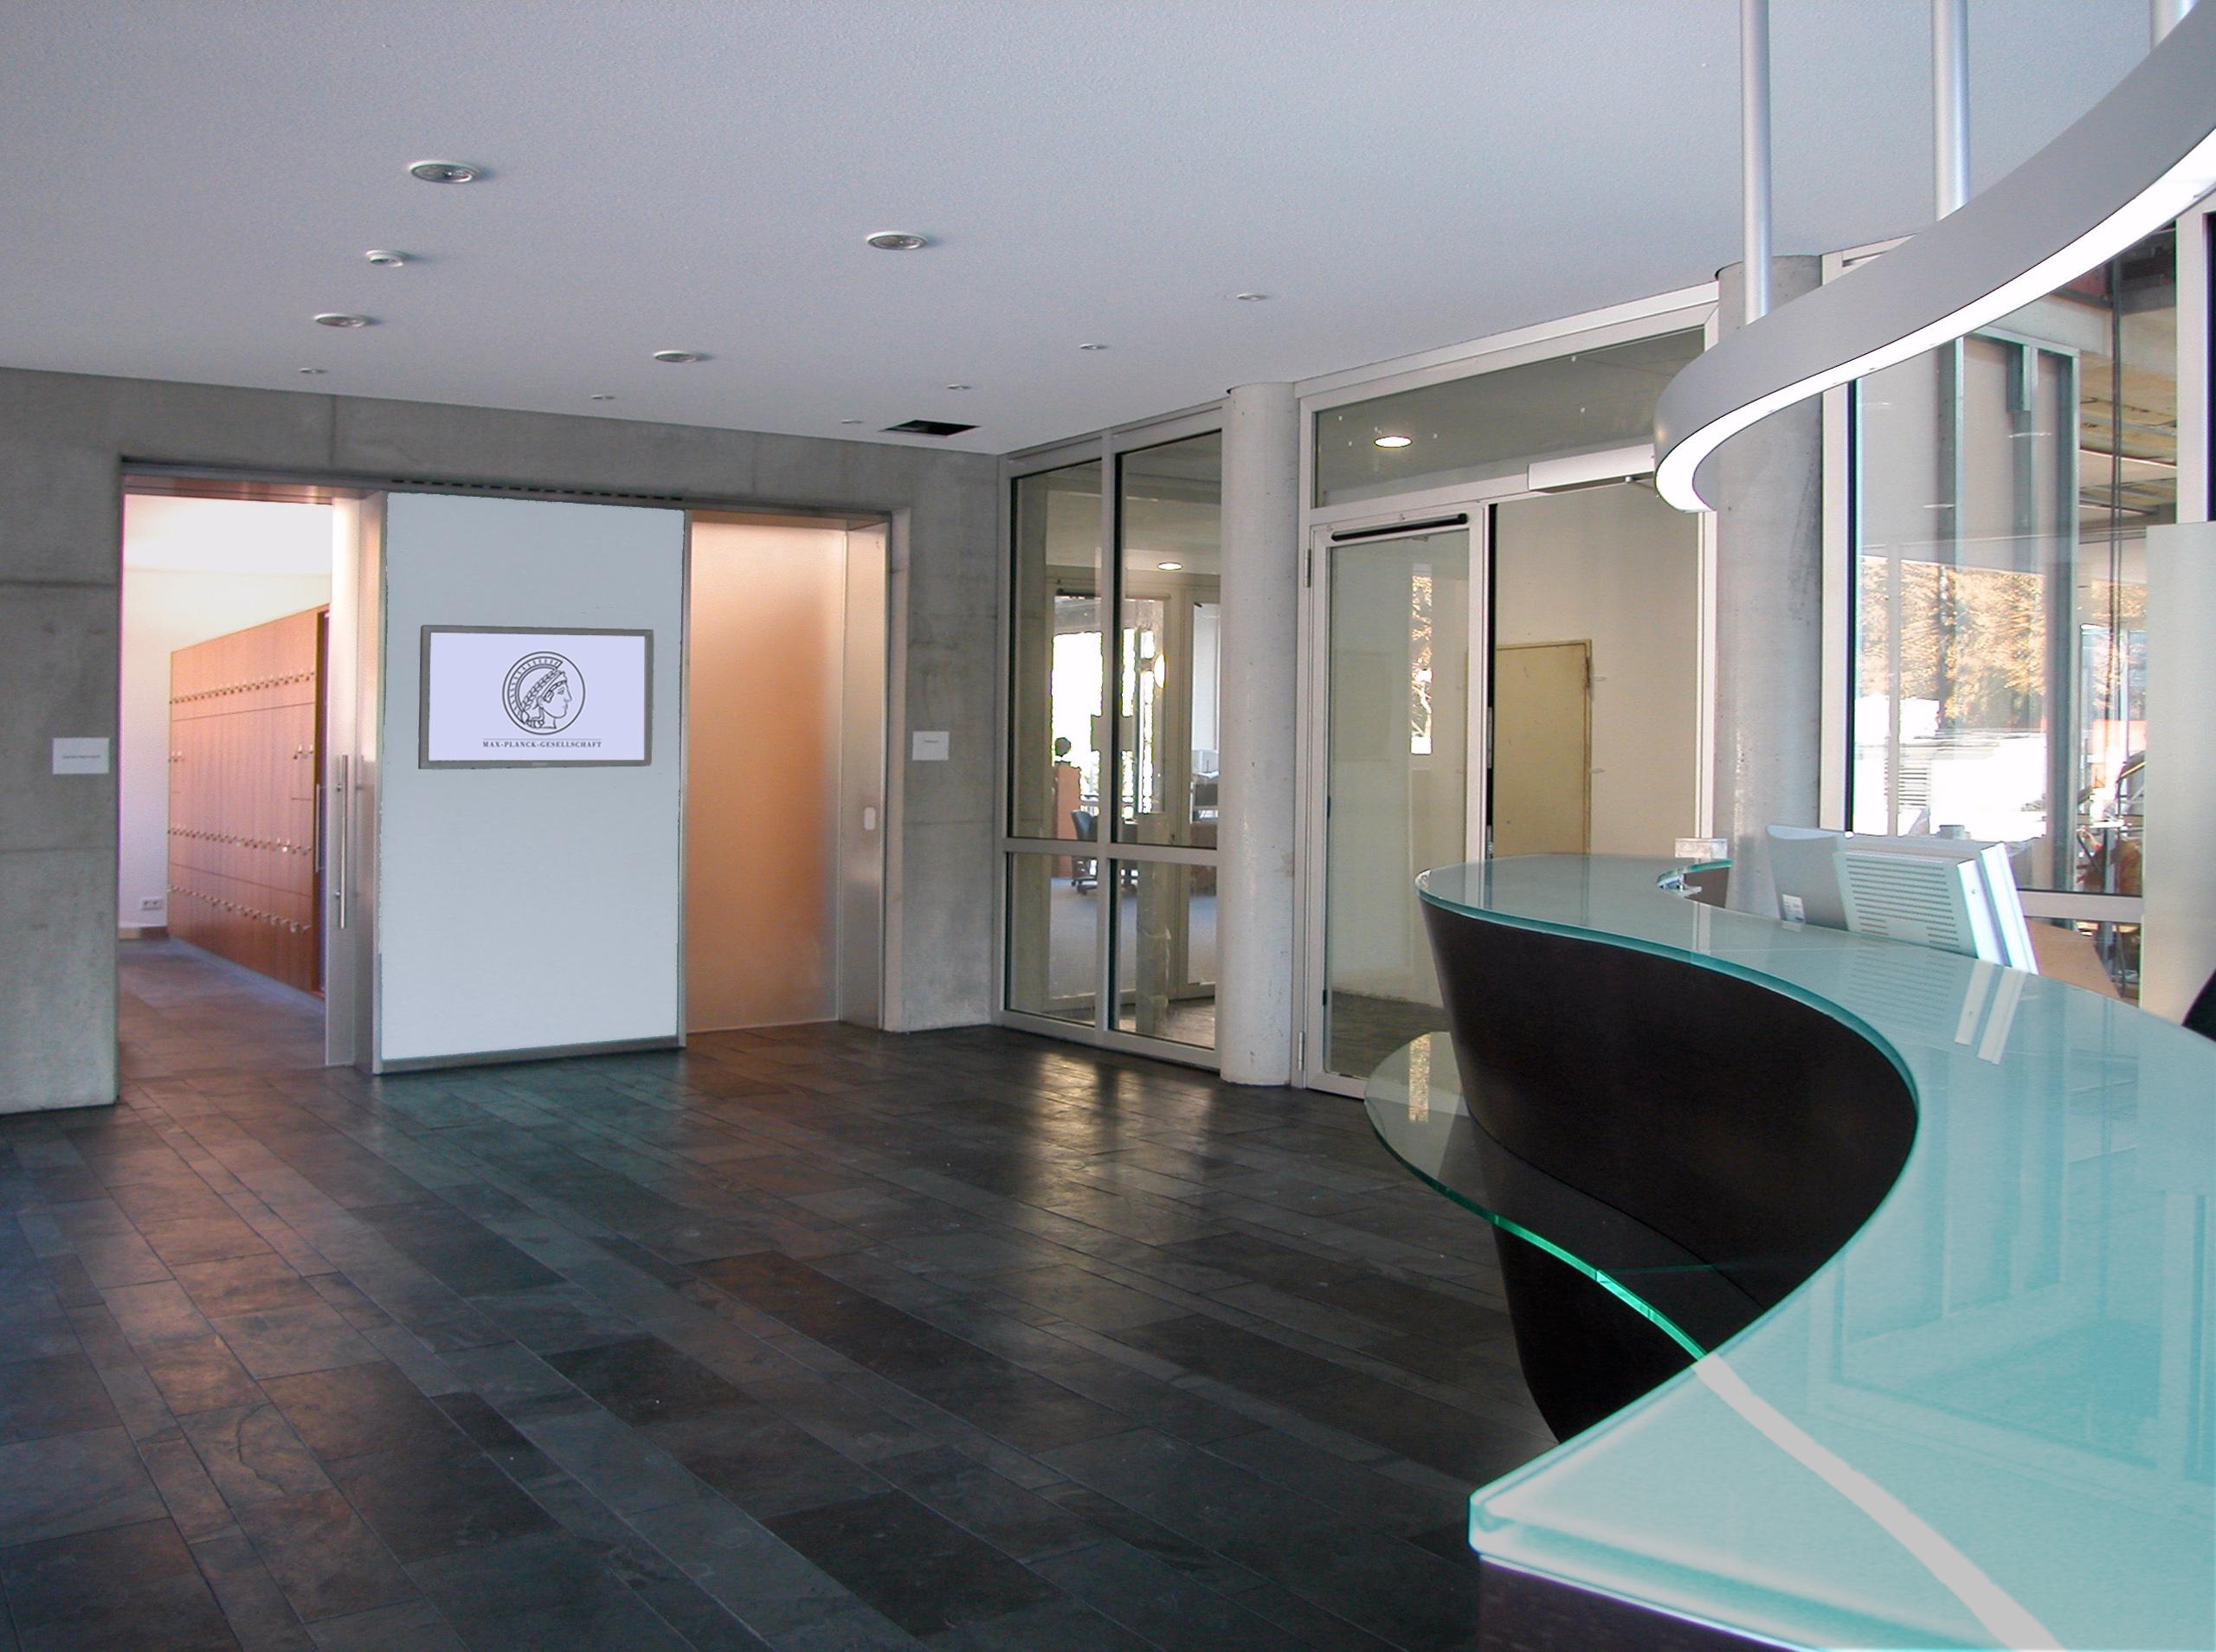 kwod_DESIGN_Inneneinrichtung_Max_Pla nck_Institut_Hamburg_Nebenräume